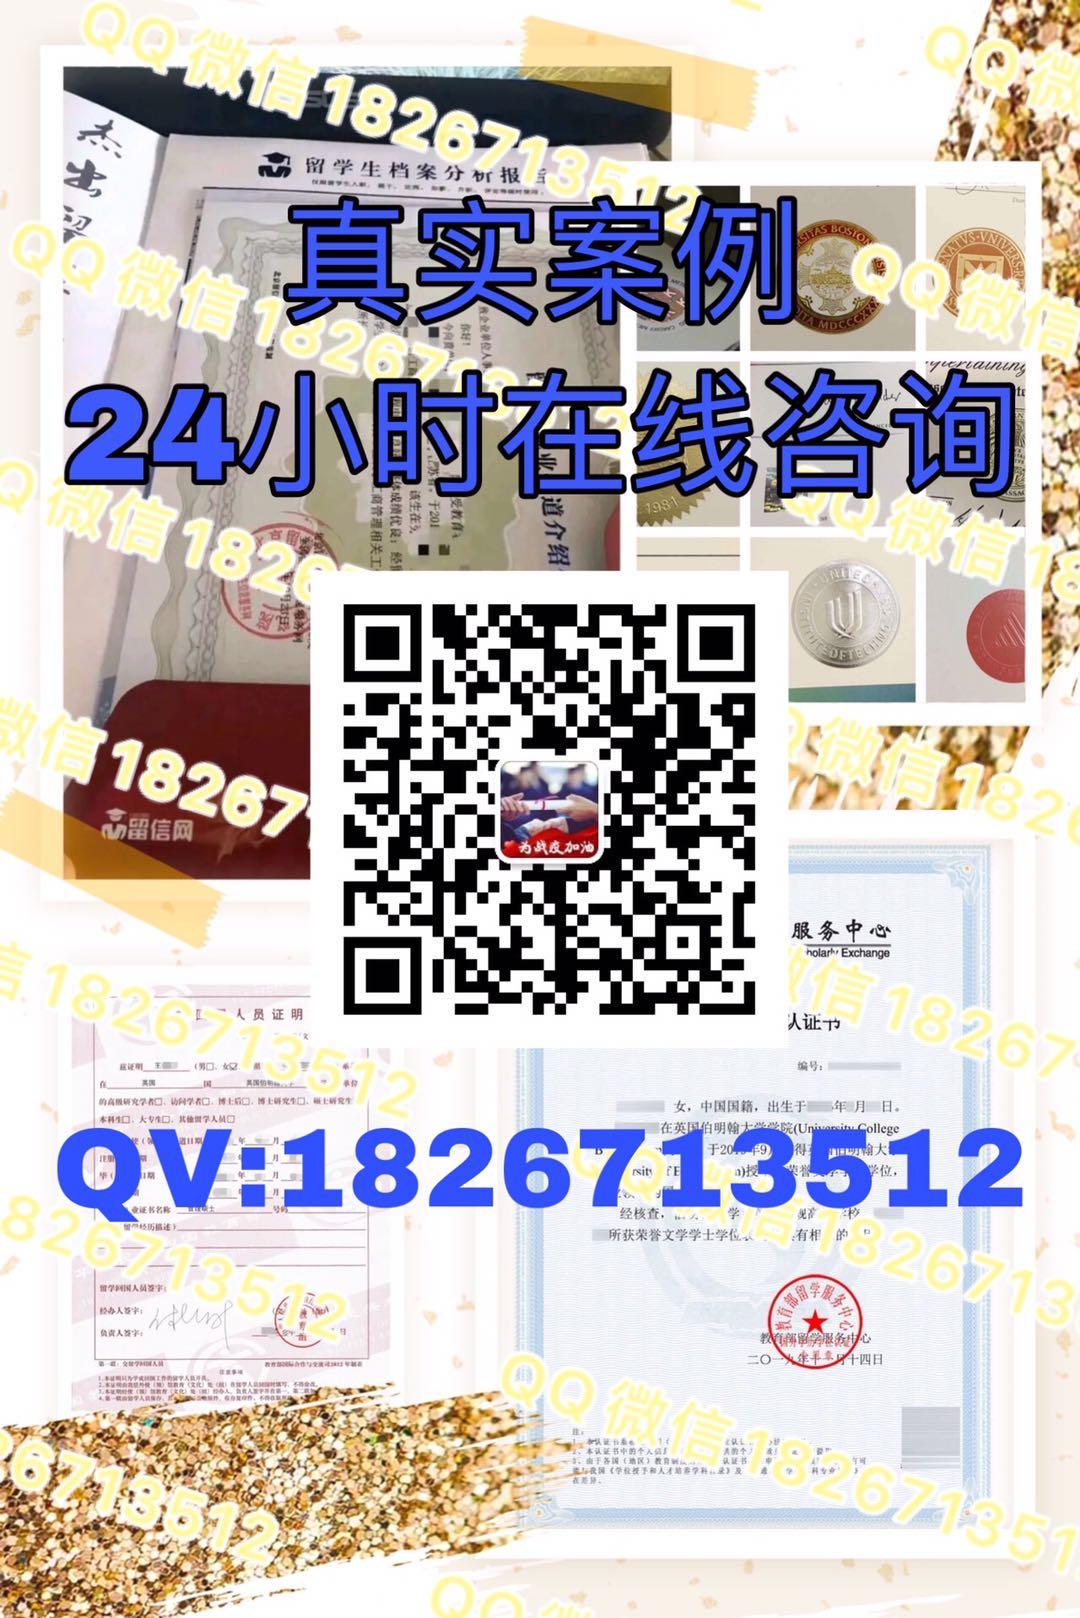 Q/微1826713512专业办理或代办留信留服认证